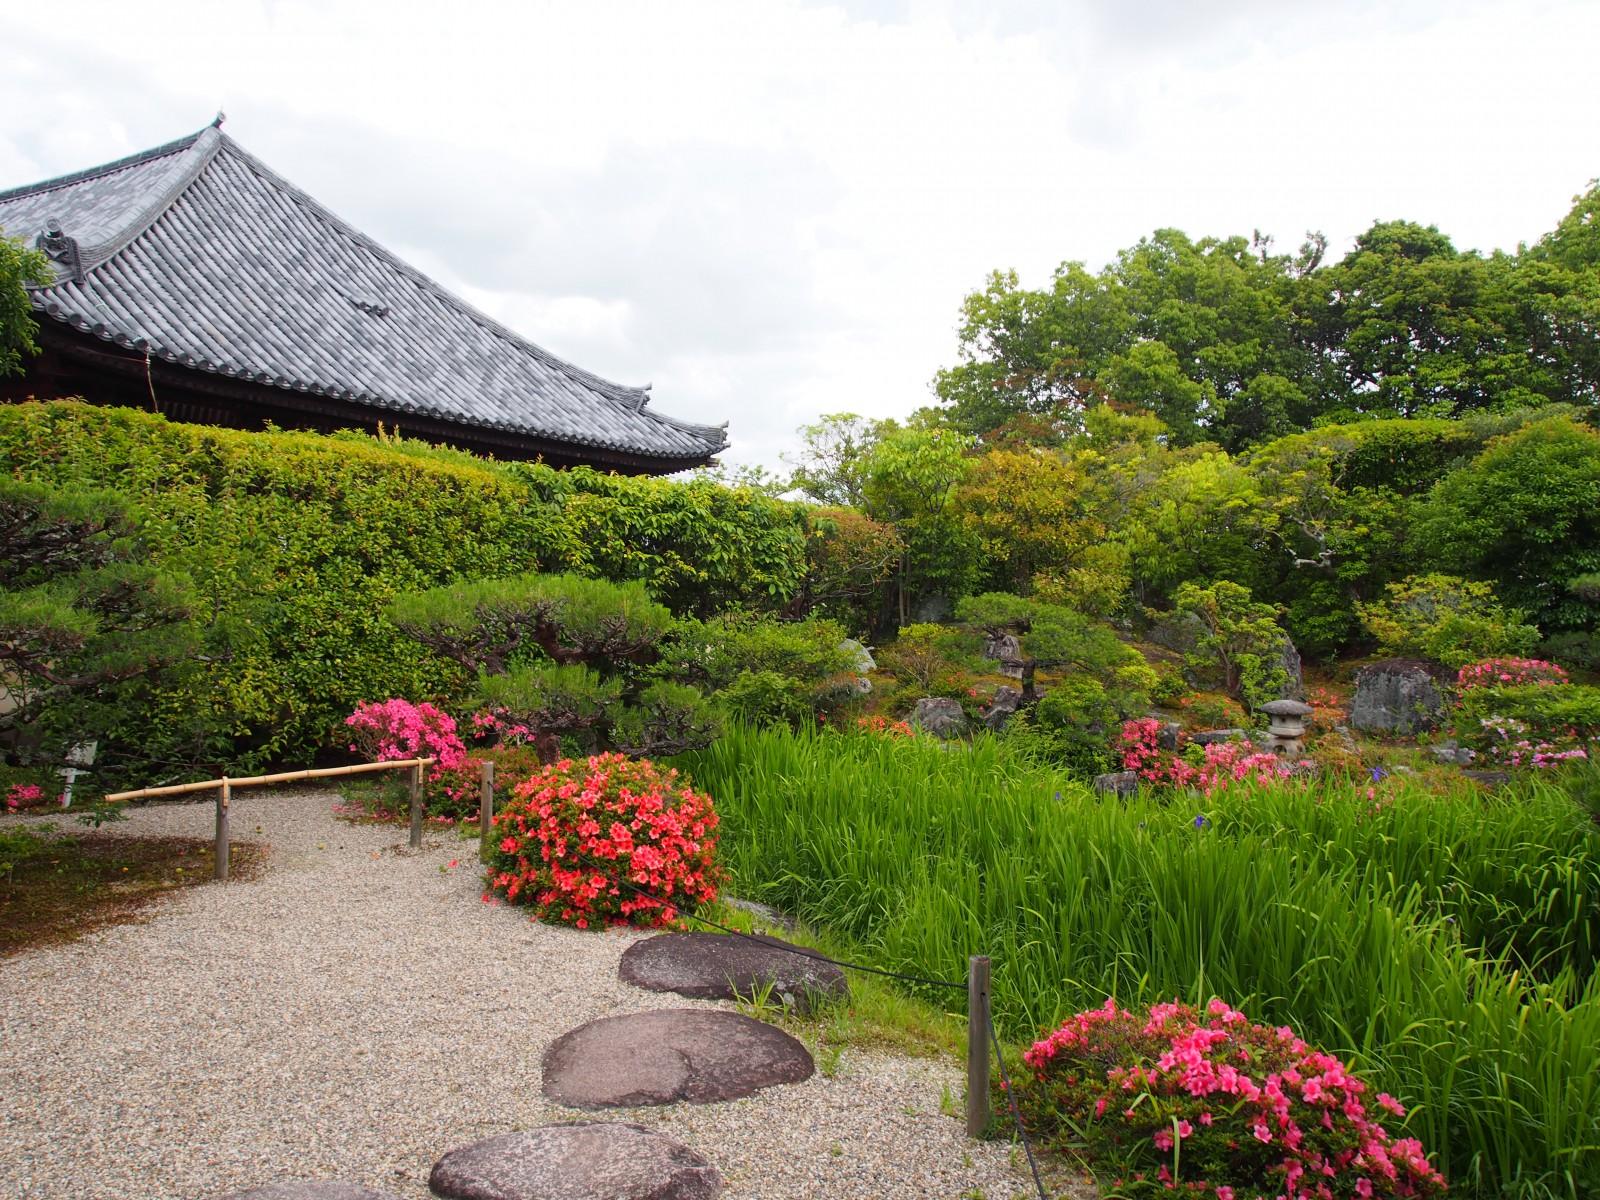 法華寺本堂と名勝庭園の杜若・皐月